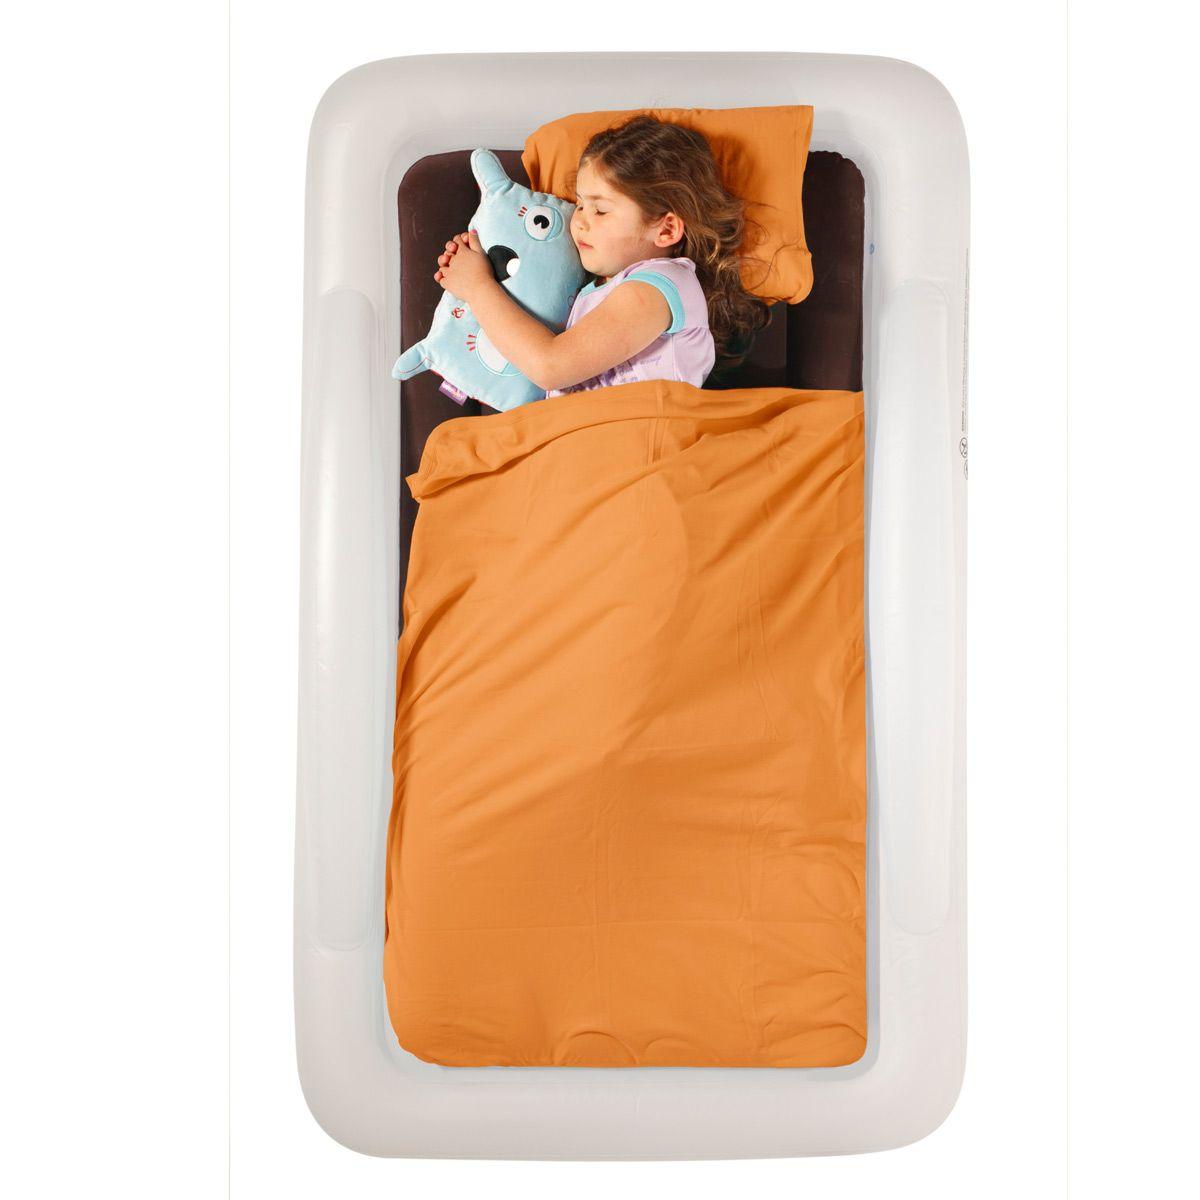 lit d 39 appoint gonflable pour enfant d s 2 ans oxybul veil et jeux lit d appoint pinterest. Black Bedroom Furniture Sets. Home Design Ideas